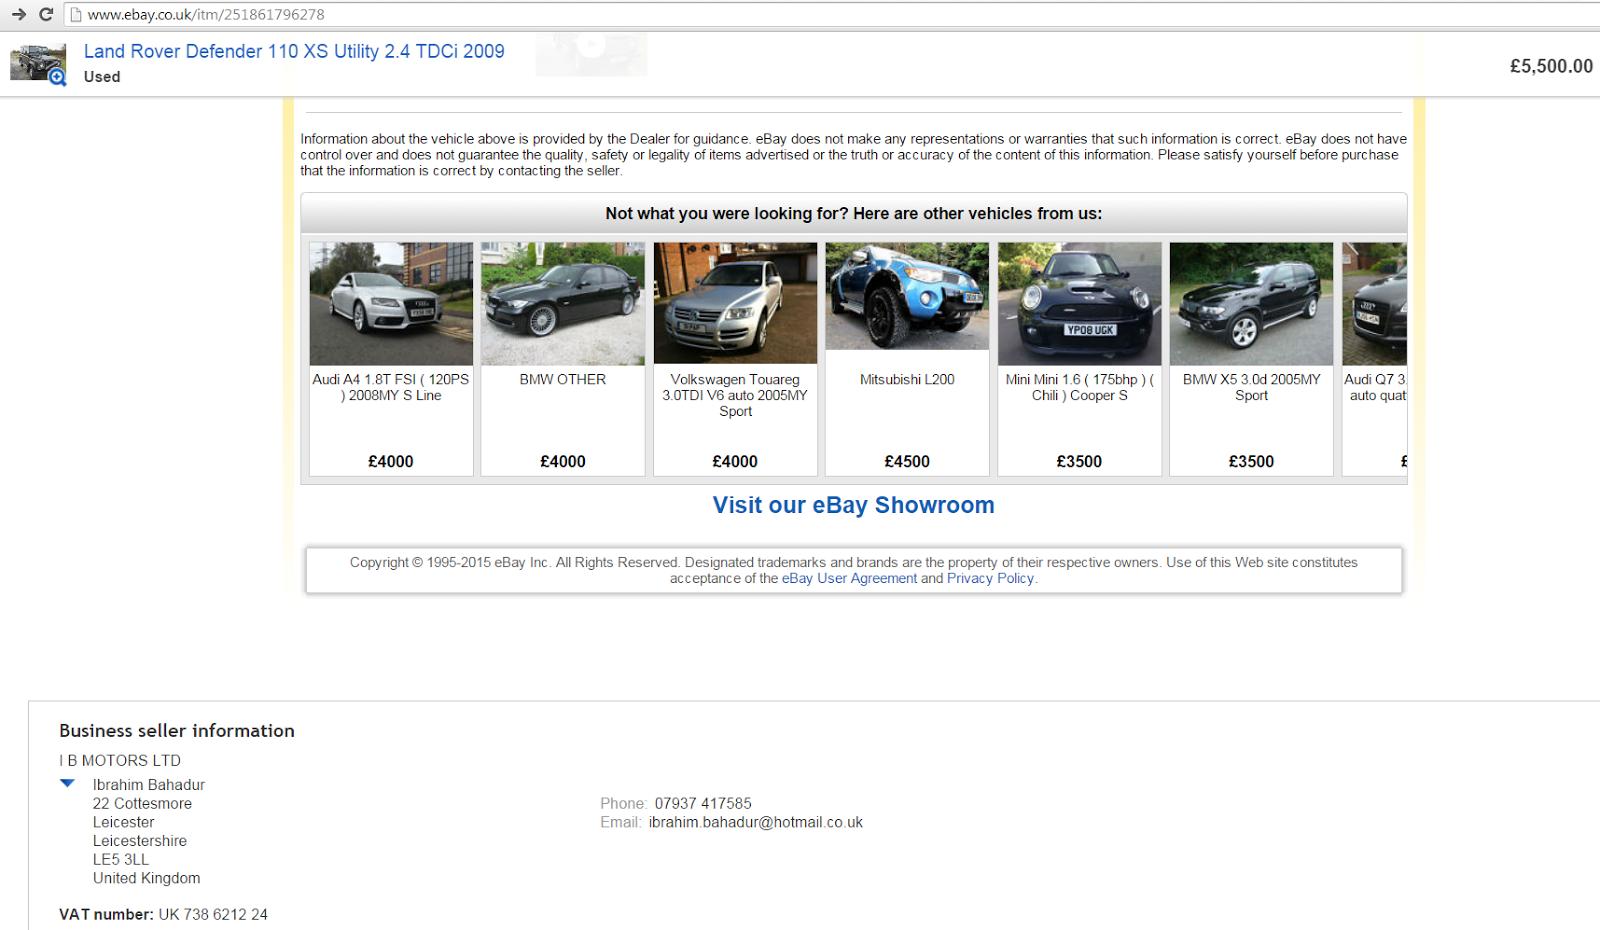 Cute Google Ebay Motors Uk Images - Classic Cars Ideas - boiq.info